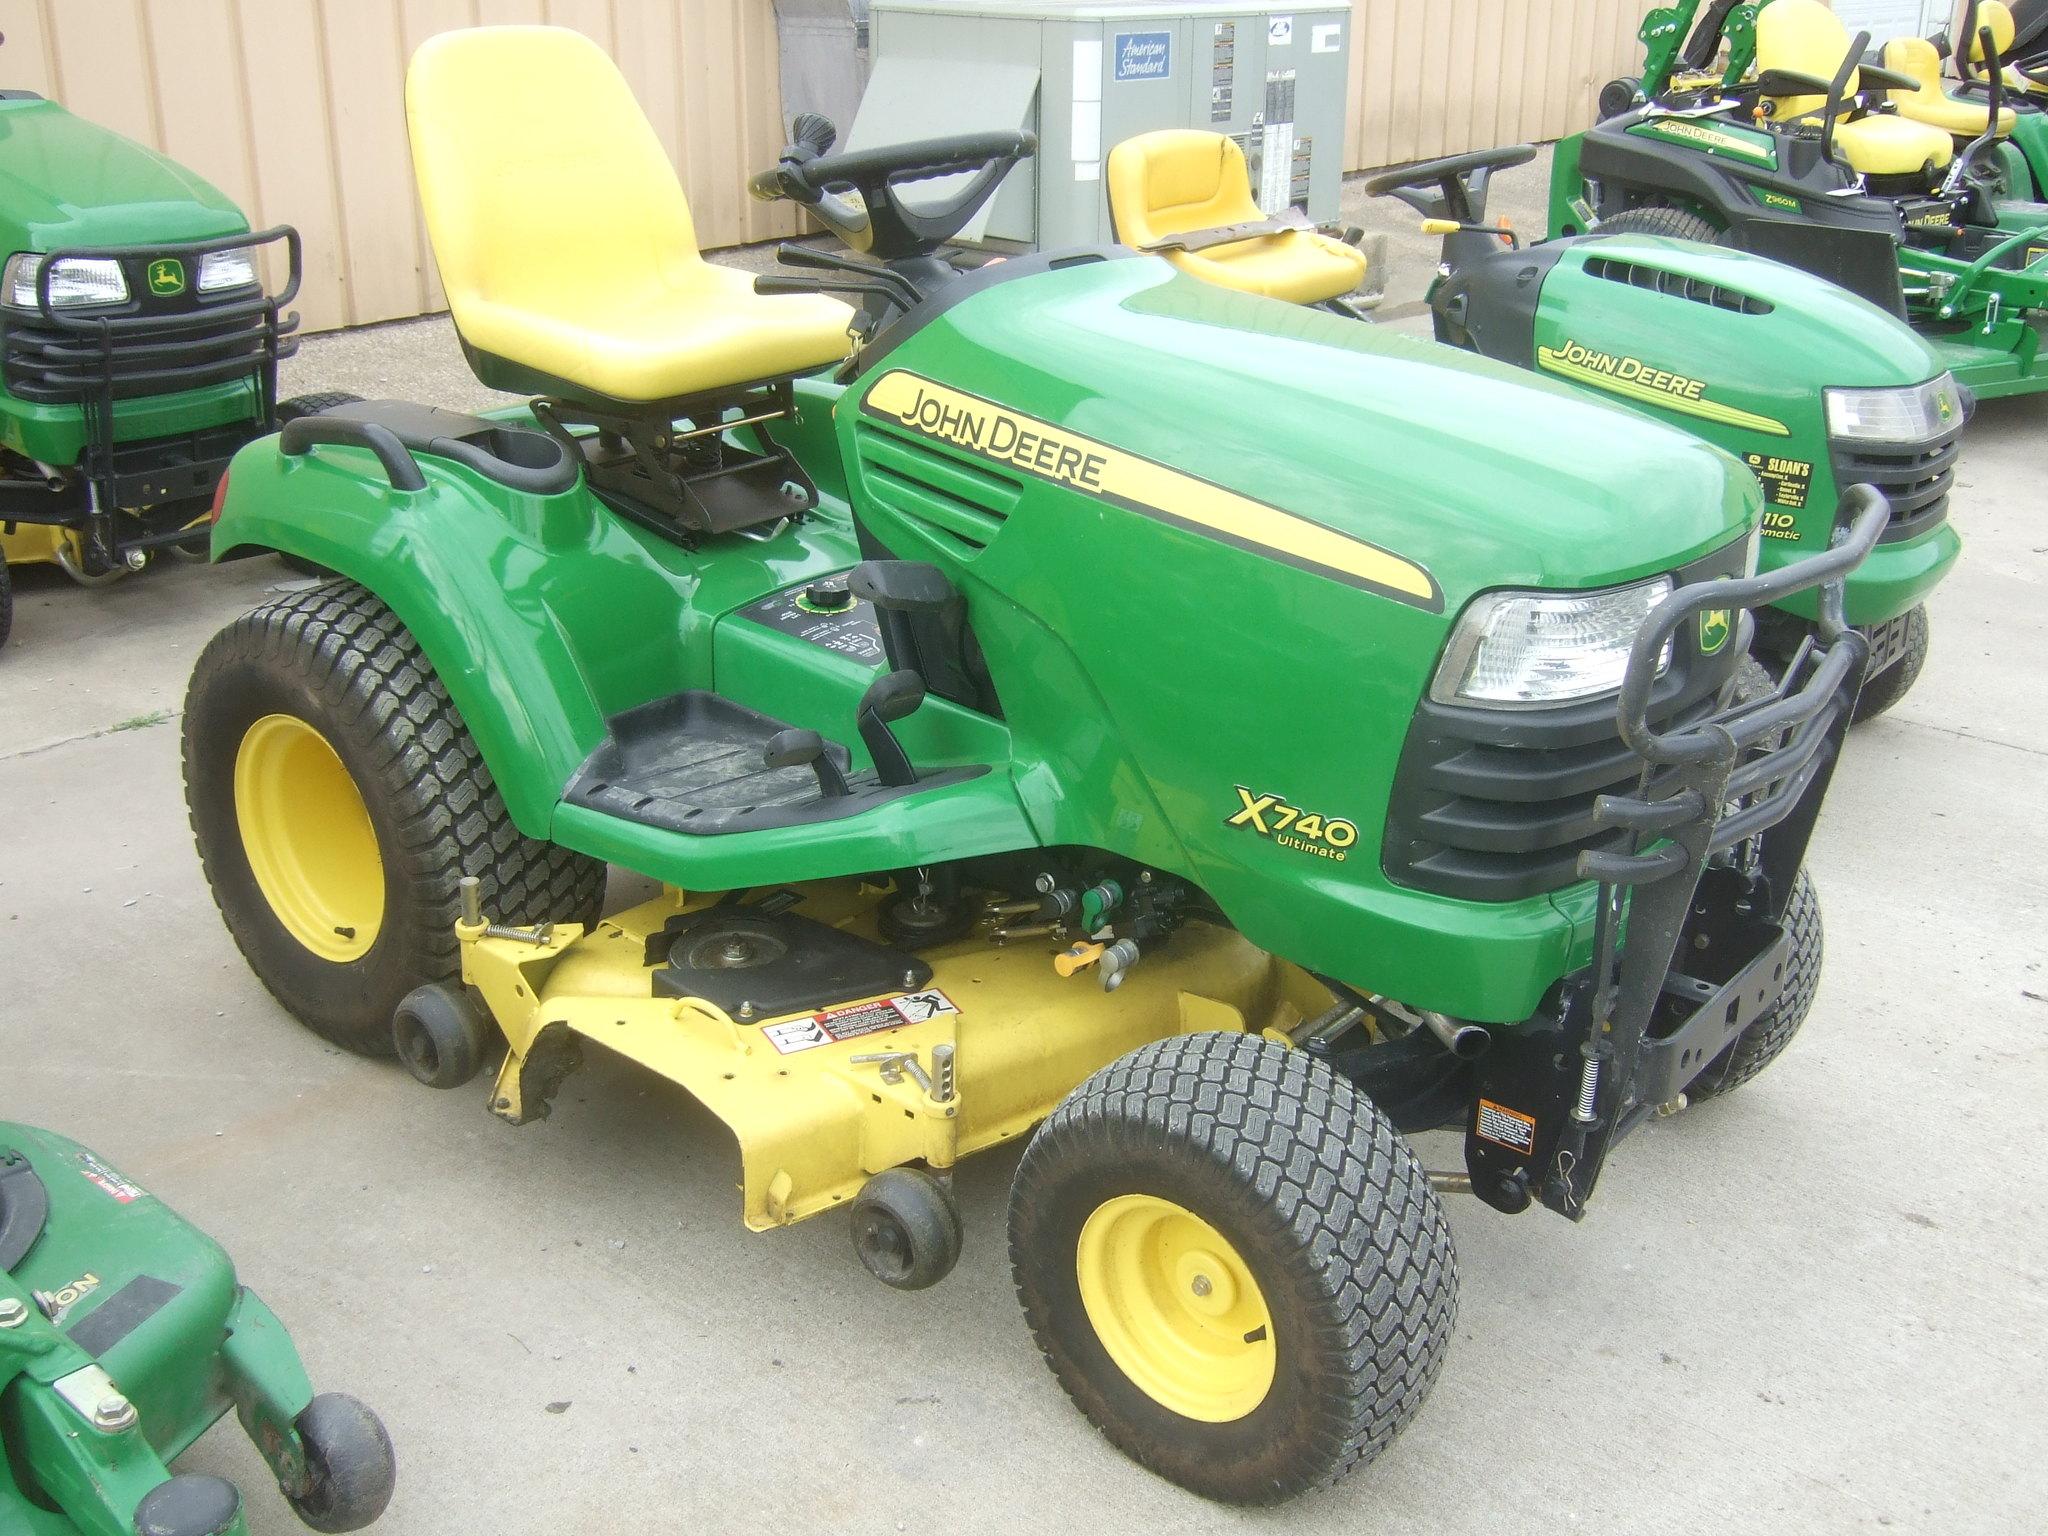 John Deere 740 Tractor : John deere lawn garden tractors for sale